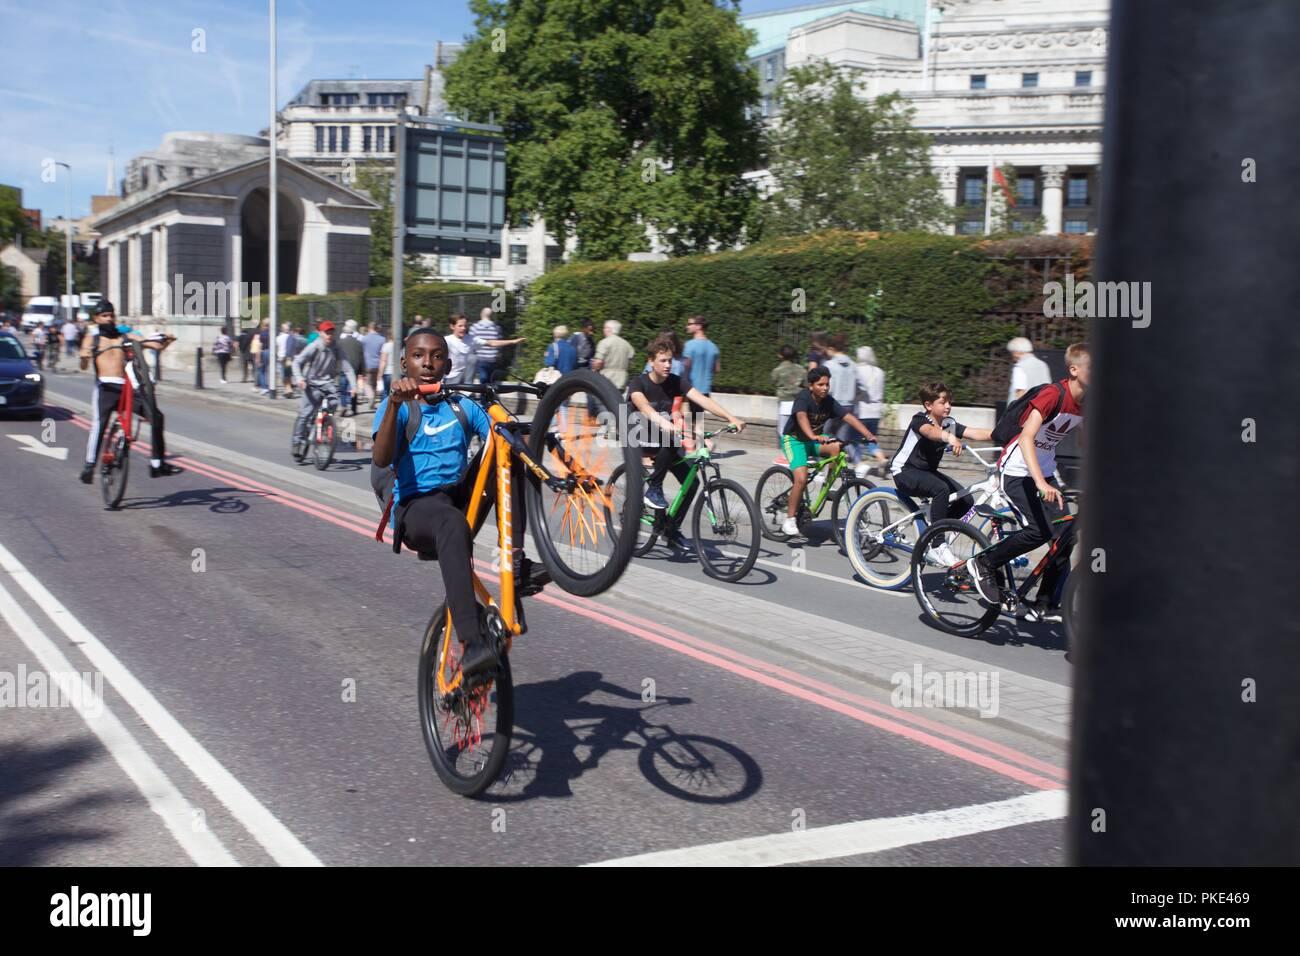 teenage street stunts on bikes - Stock Image